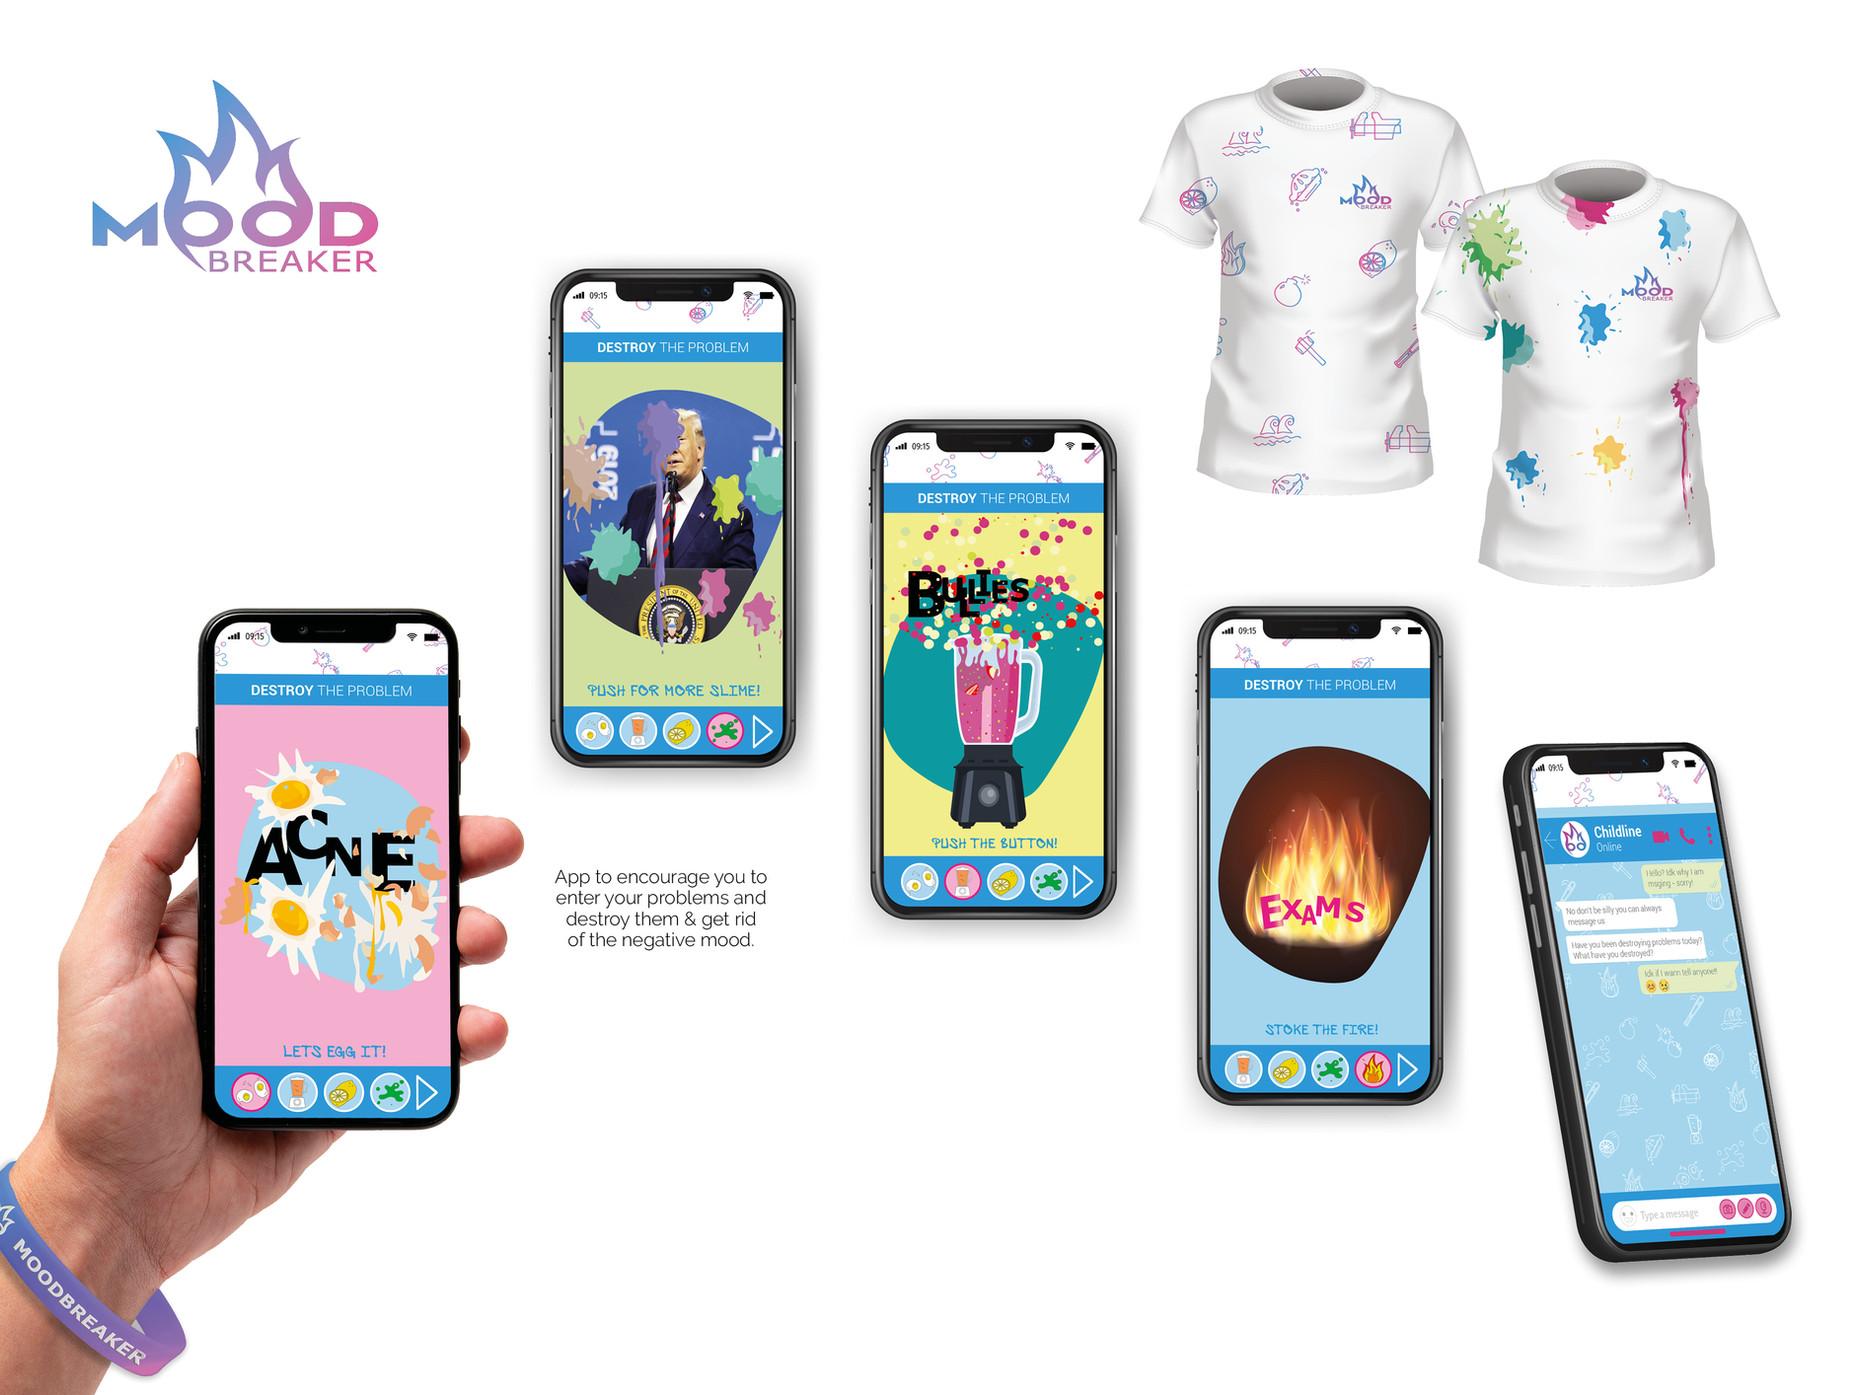 Moodbreaker App